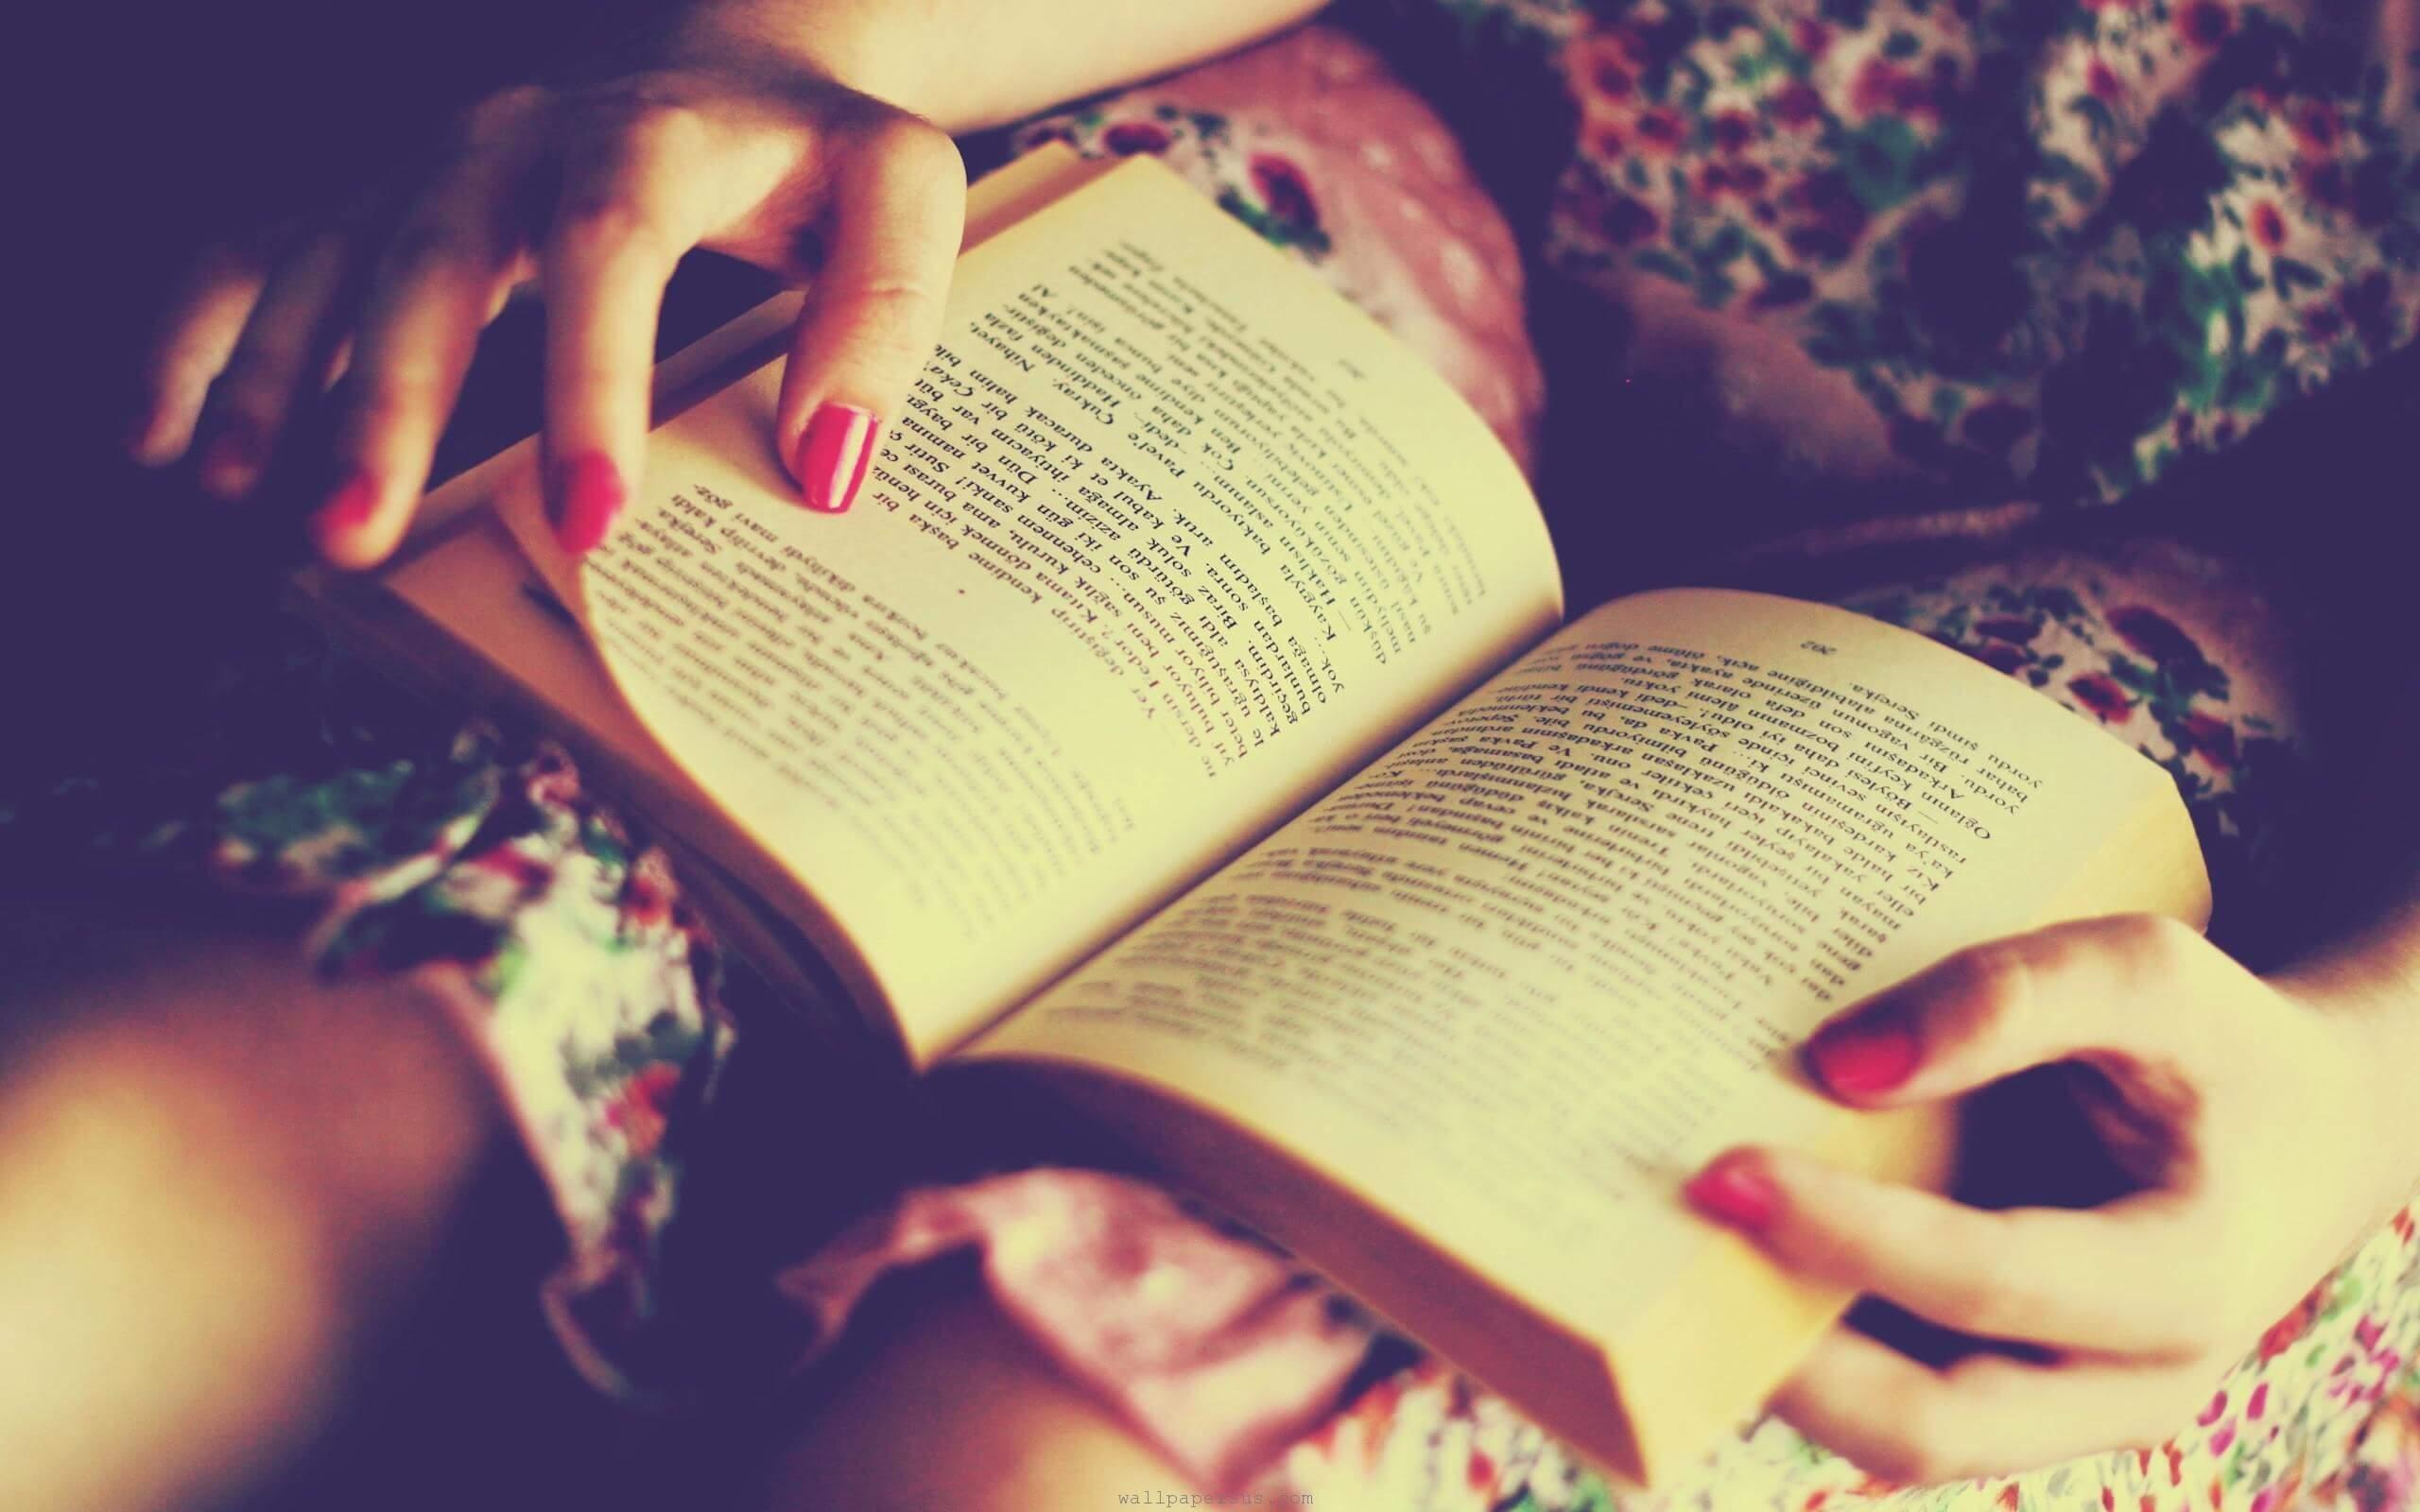 leer-sobre-adolescencia